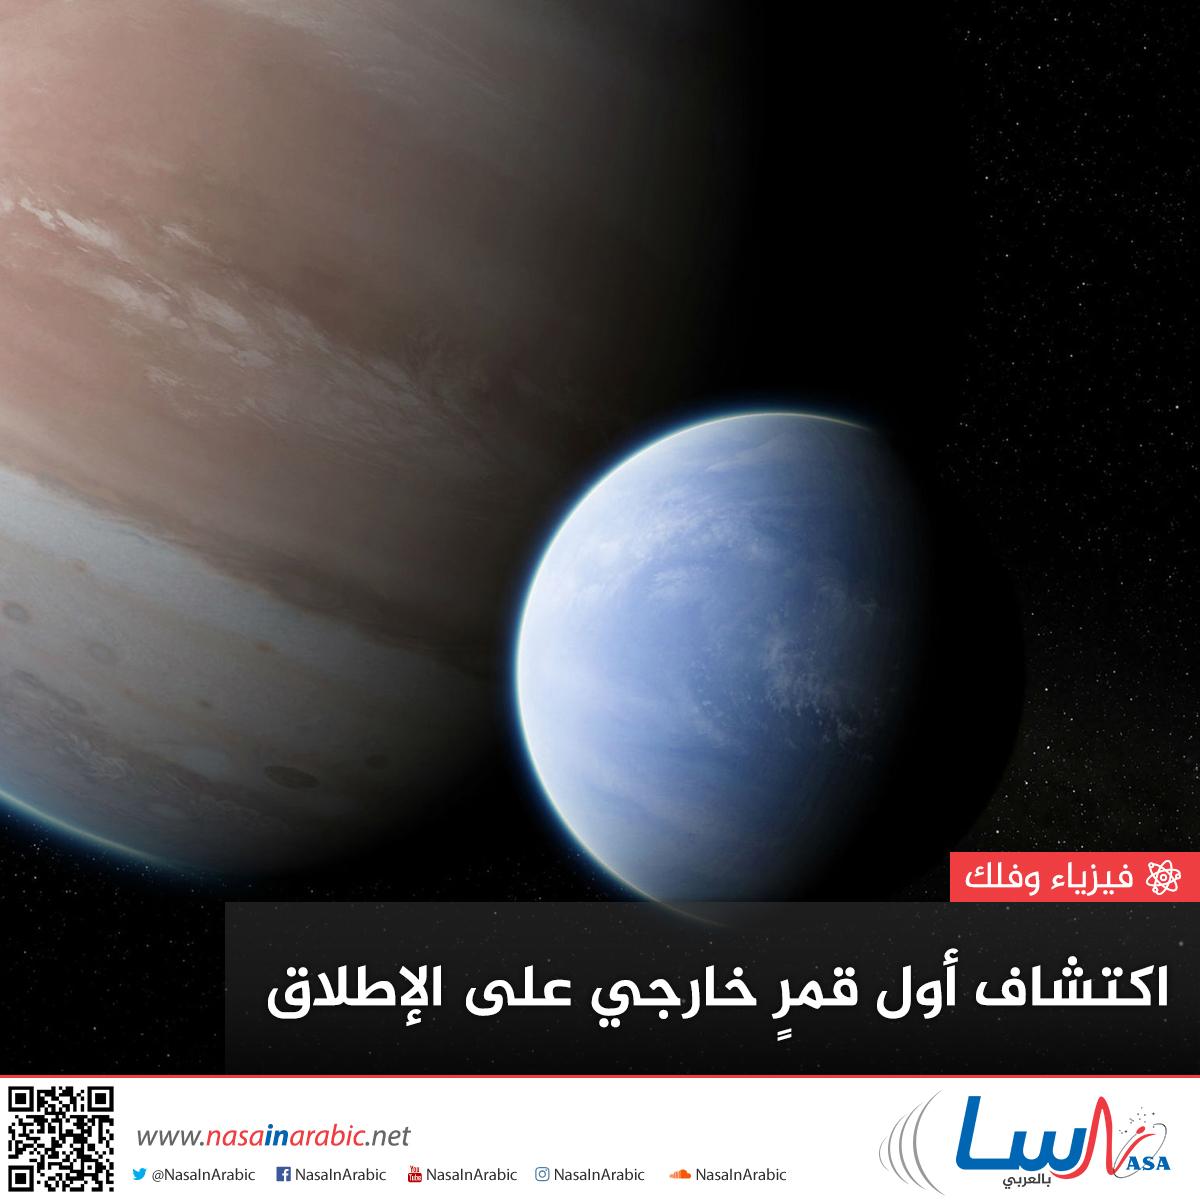 اكتشاف أول قمر خارجي على الإطلاق